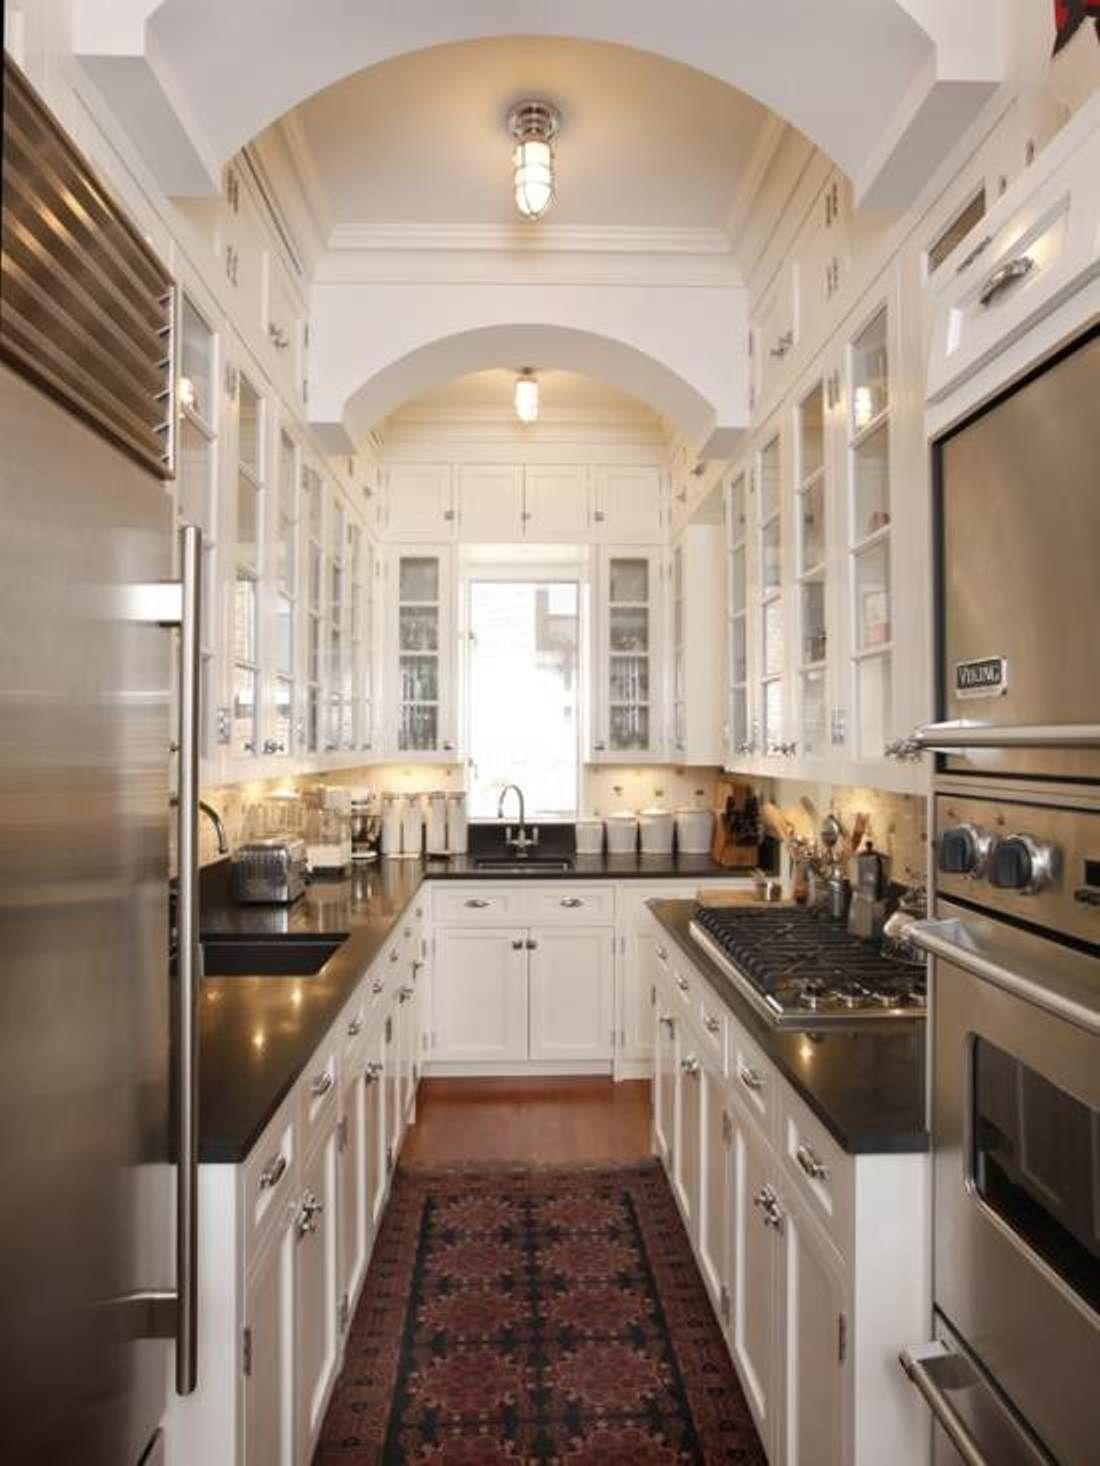 Efficient Small Kitchen Design Layout